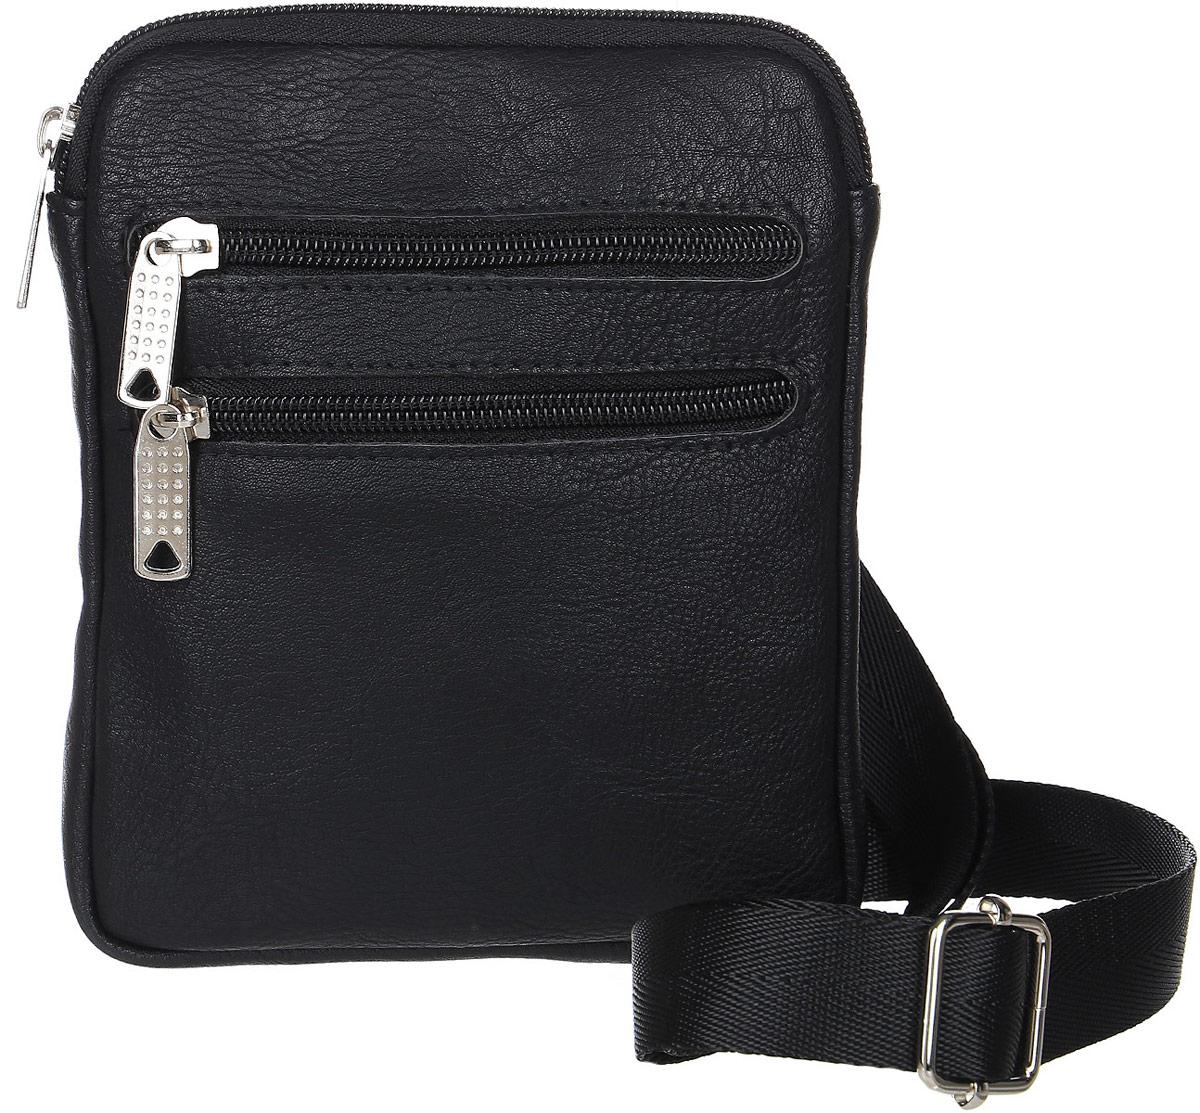 Сумка мужская Аntan, цвет: черный. 4670018861281101057Стильная мужская сумка Аntan выполнена из искусственной кожи. Сумка имеет одно основное отделение, закрывающееся на застежку-молнию. Внутри модель имеет прорезной карман на застежке-молнии и накладной открытый карман. Задняя и передняя сторона сумки дополнены врезными карманами на молнии. Изделие оснащено плечевым ремнем.